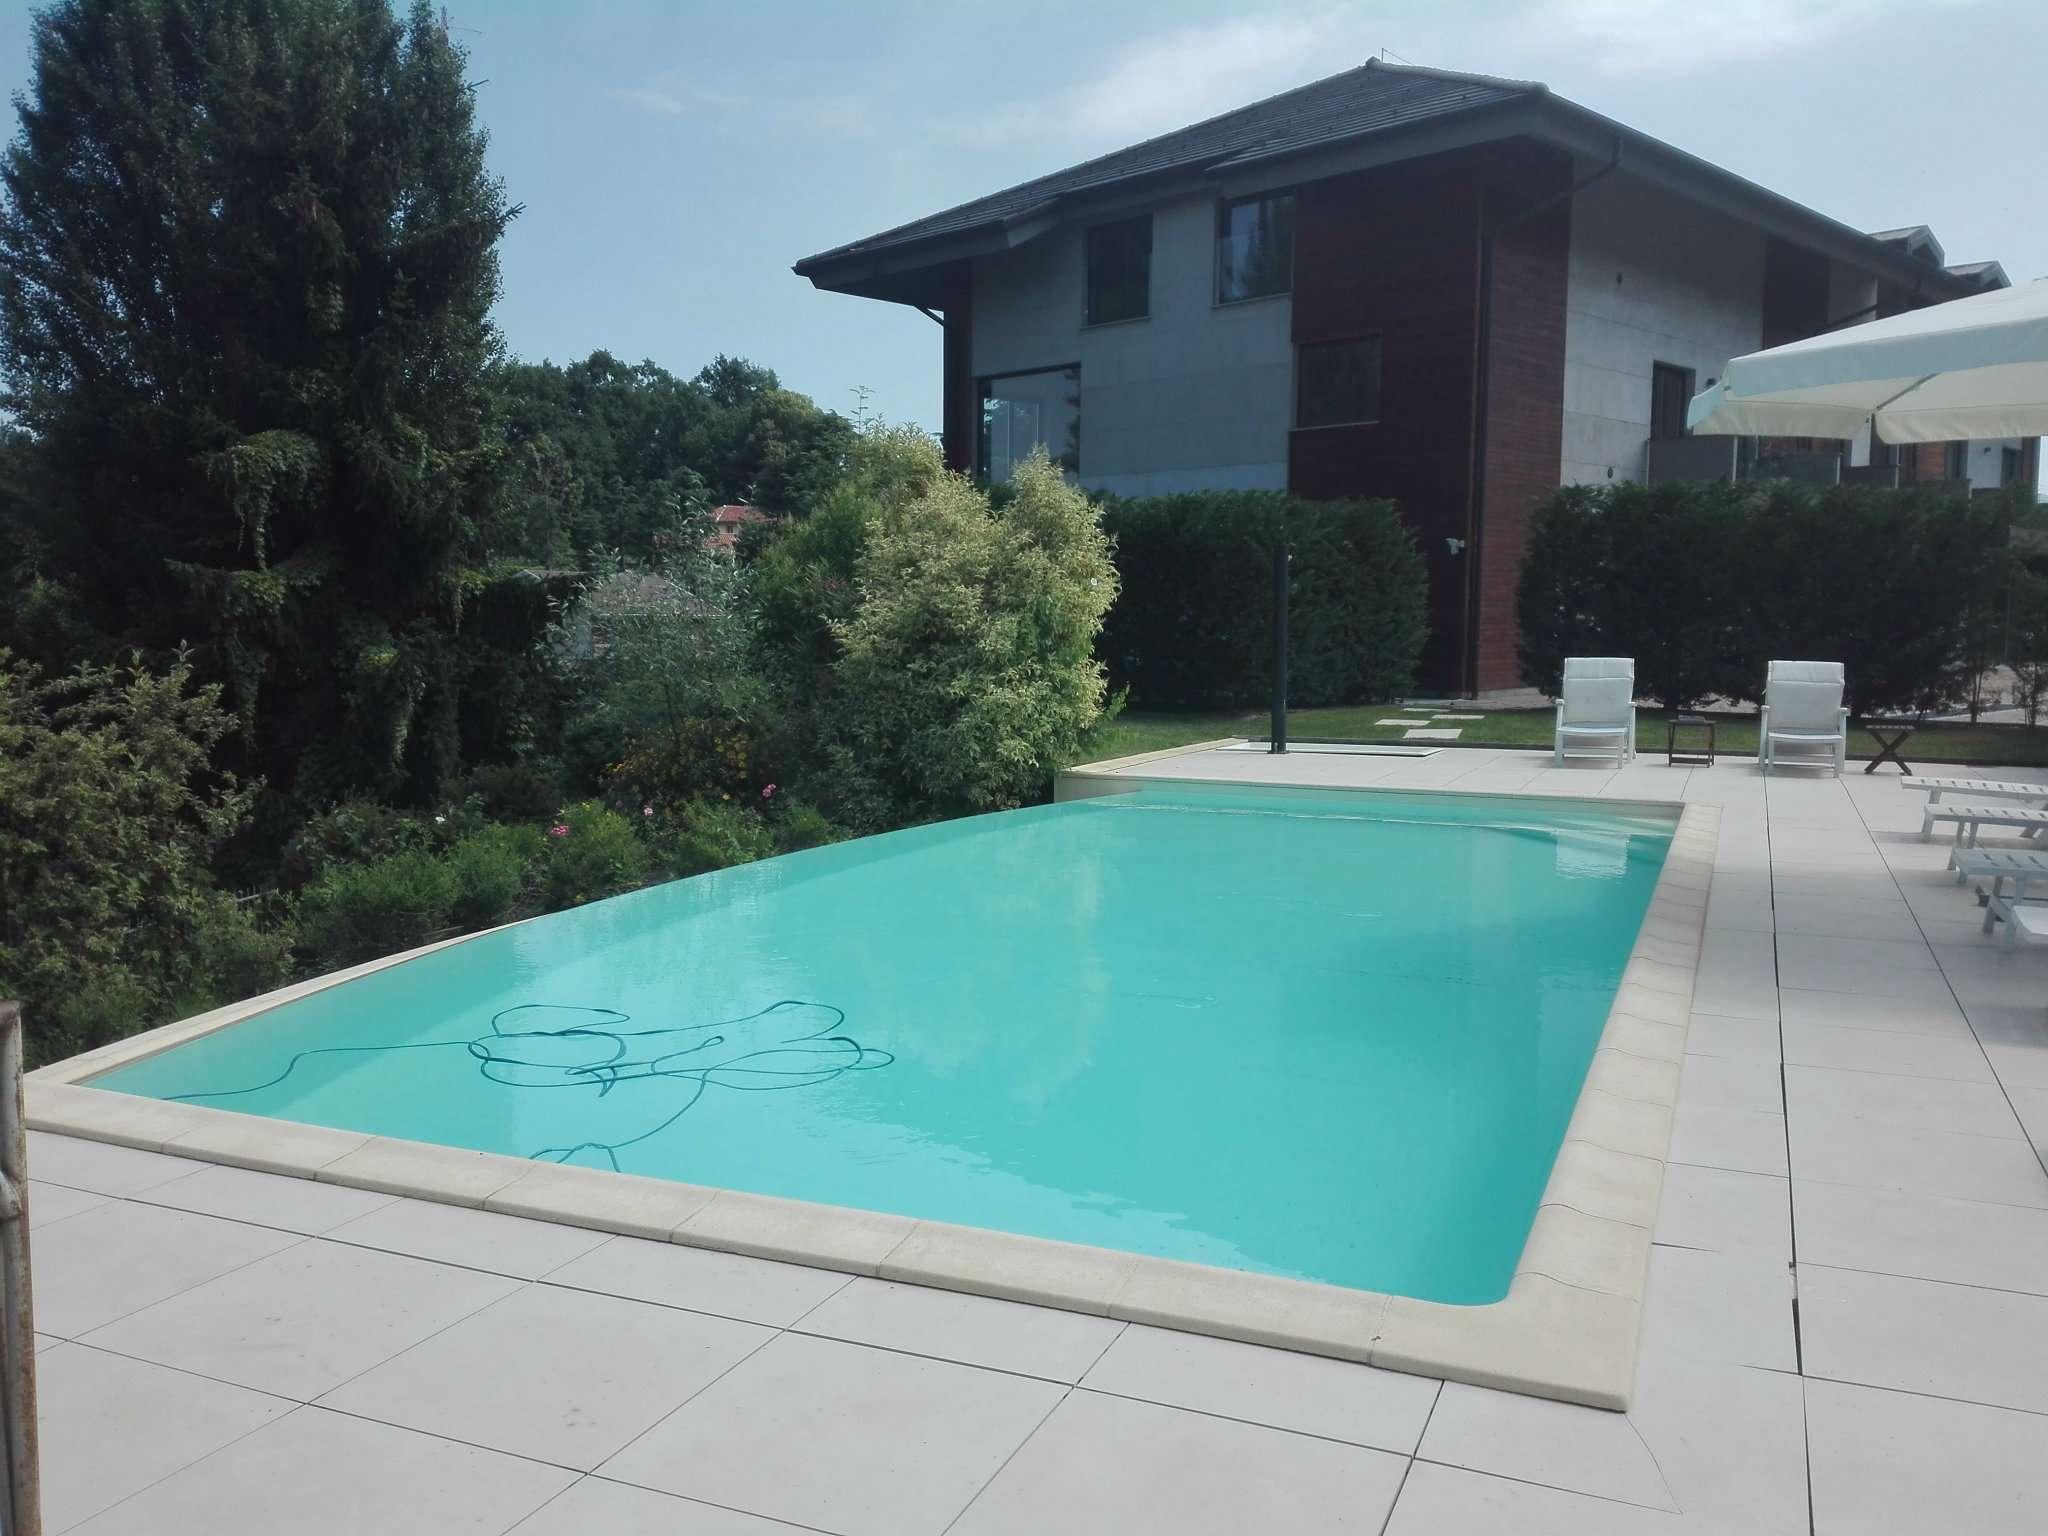 Appartamento in vendita a Pecetto Torinese, 3 locali, prezzo € 168.000 | PortaleAgenzieImmobiliari.it